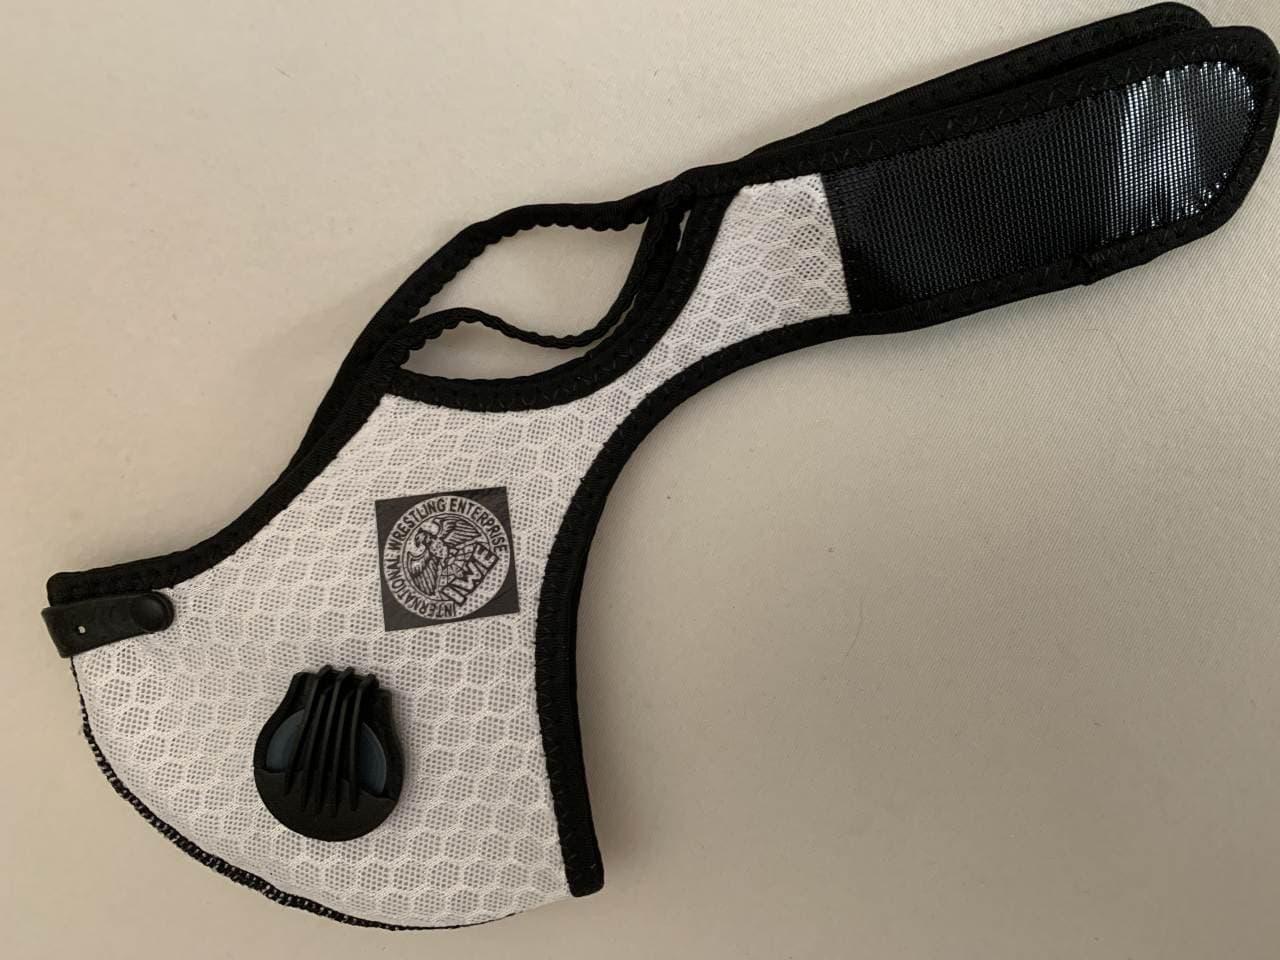 国際プロレスバージョンのマスク数量限定発売 キャピタル・スポーツウェアから